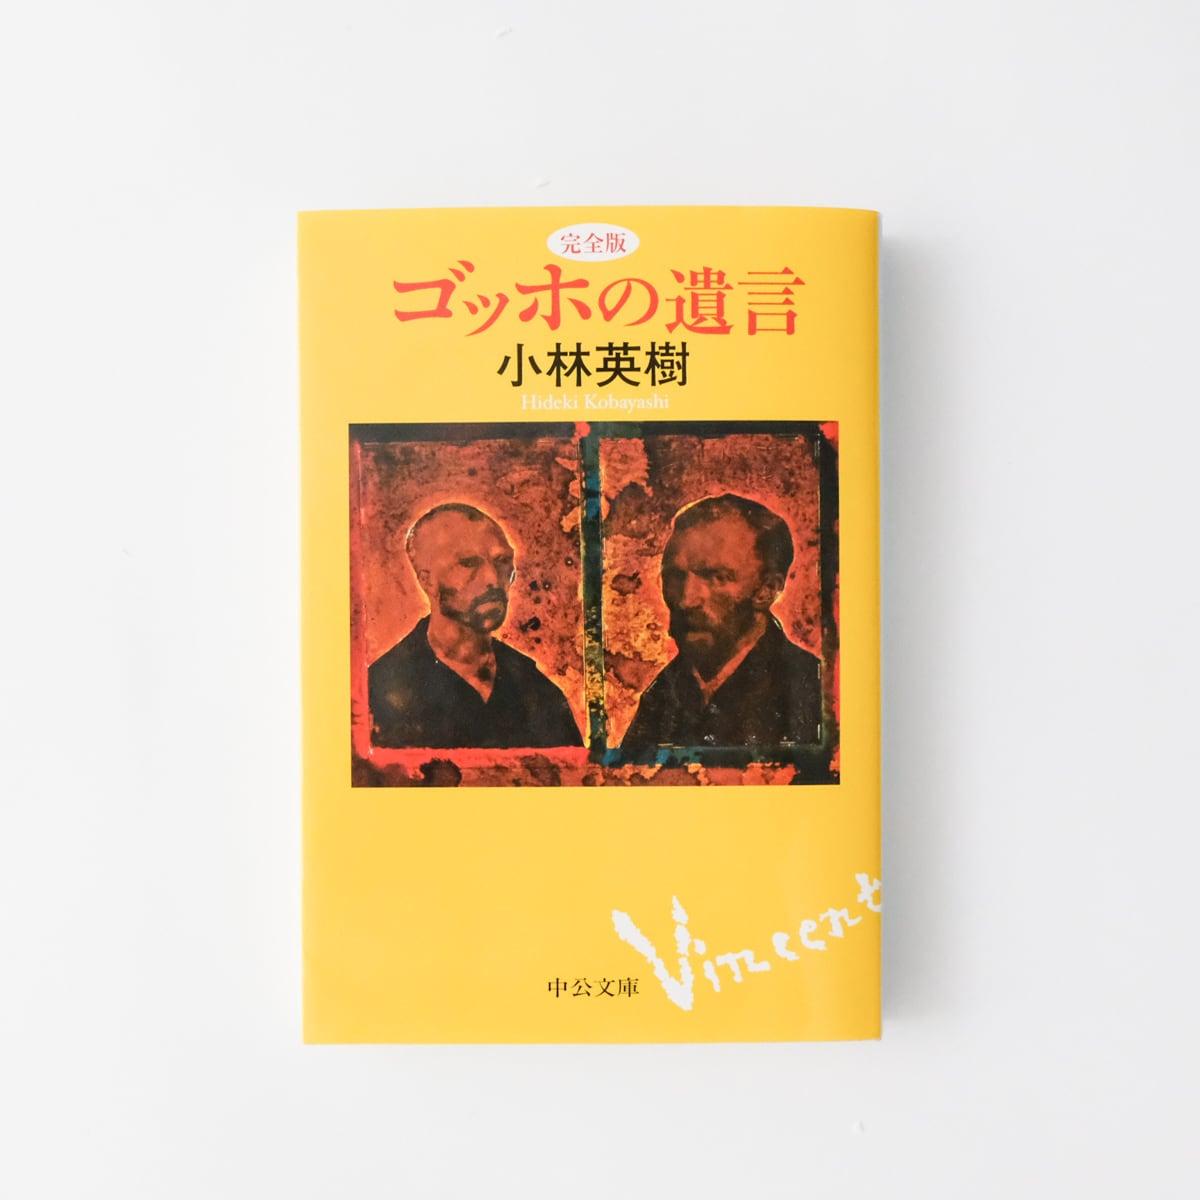 書籍「ゴッホの遺言」